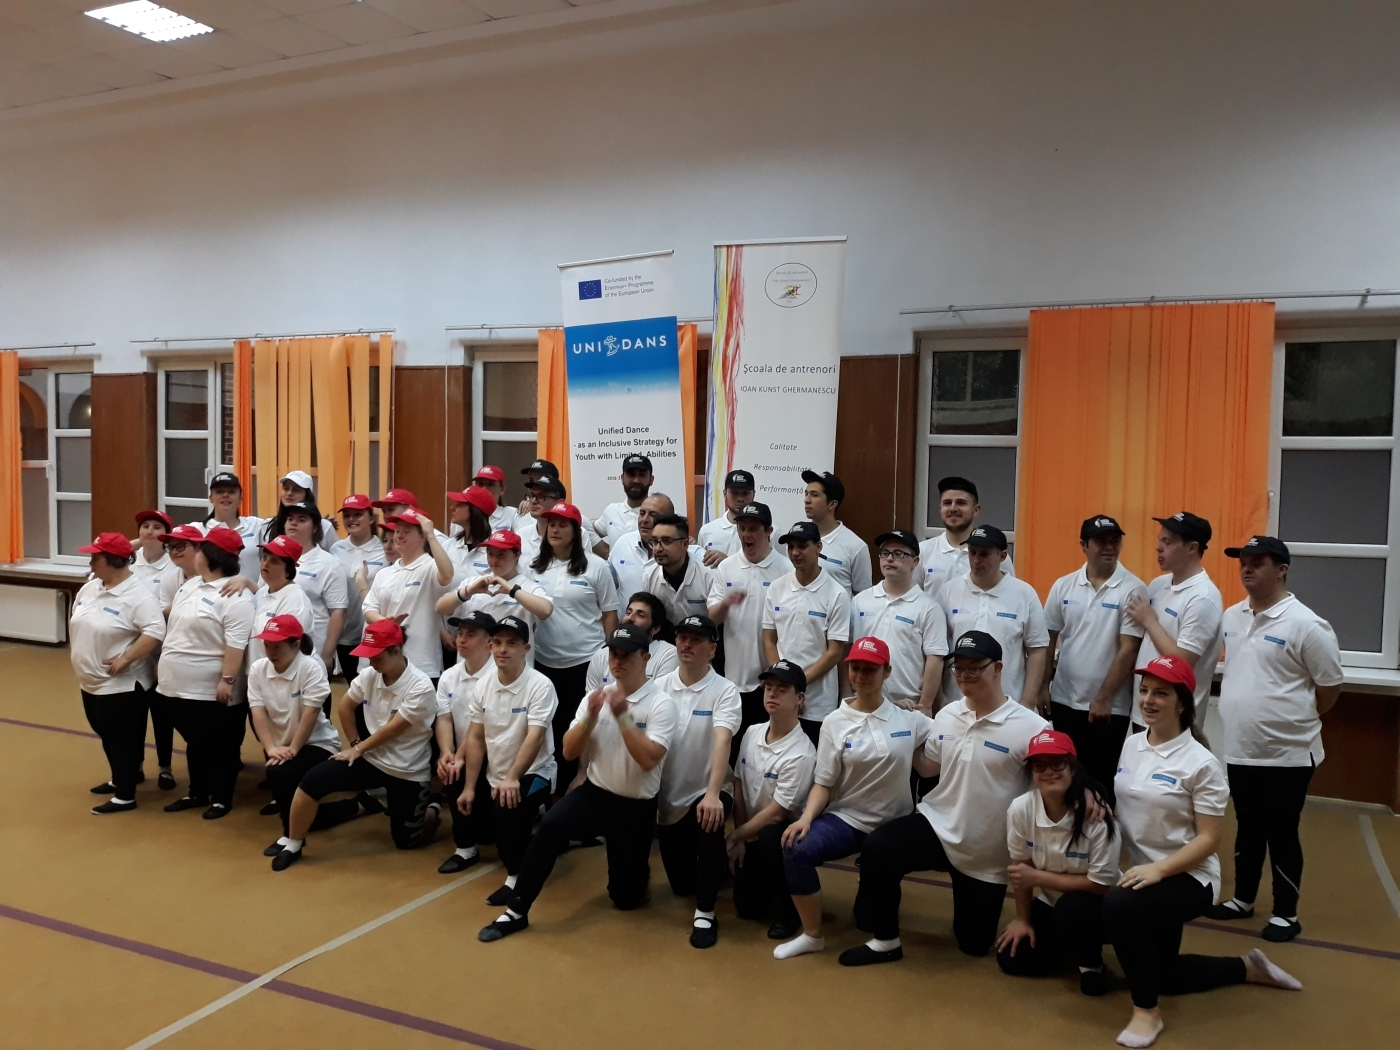 El Club Alba participa a Unidans, un projecte europeu de dansa